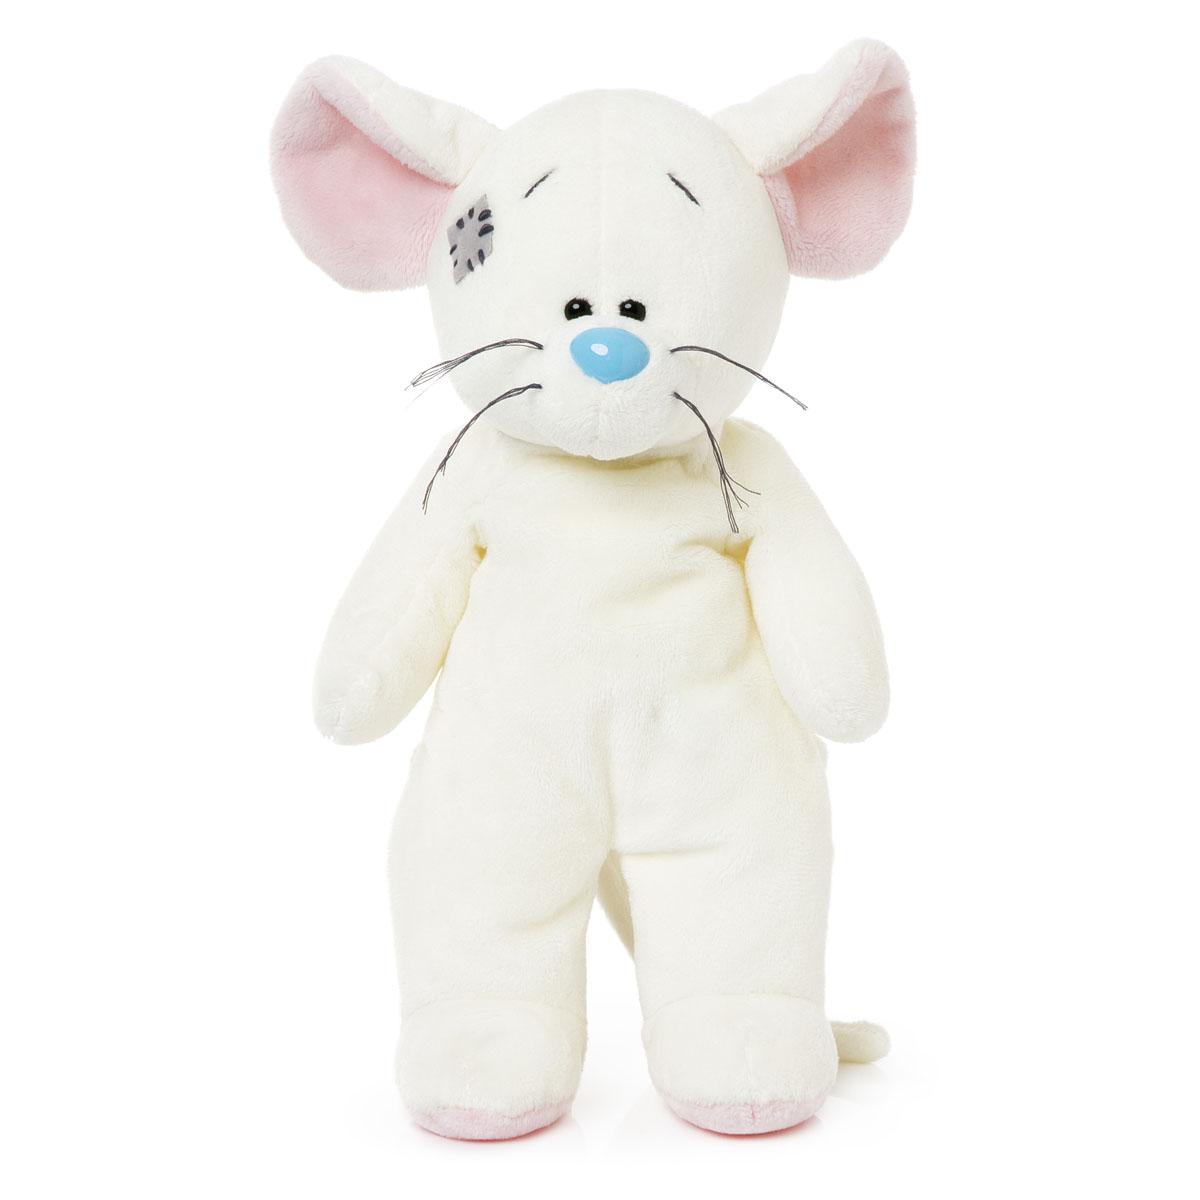 Me to You Мягкая игрушка Мышка Tiny, 28 смG73W0298Забавная мягкая игрушка Me to You Мышка Tiny станет лучшим другом для любого ребенка. Игрушка изготовлена из безопасных, приятных на ощупь текстильных материалов в виде мышки с милой заплаткой на голове. Глазки и нос игрушки выполнены из пластика. Пластиковые гранулы, используемые при набивке игрушки, способствуют развитию мелкой моторики рук ребенка. С такой забавной игрушкой можно смело засыпать в кроватке или отправляться на прогулку.